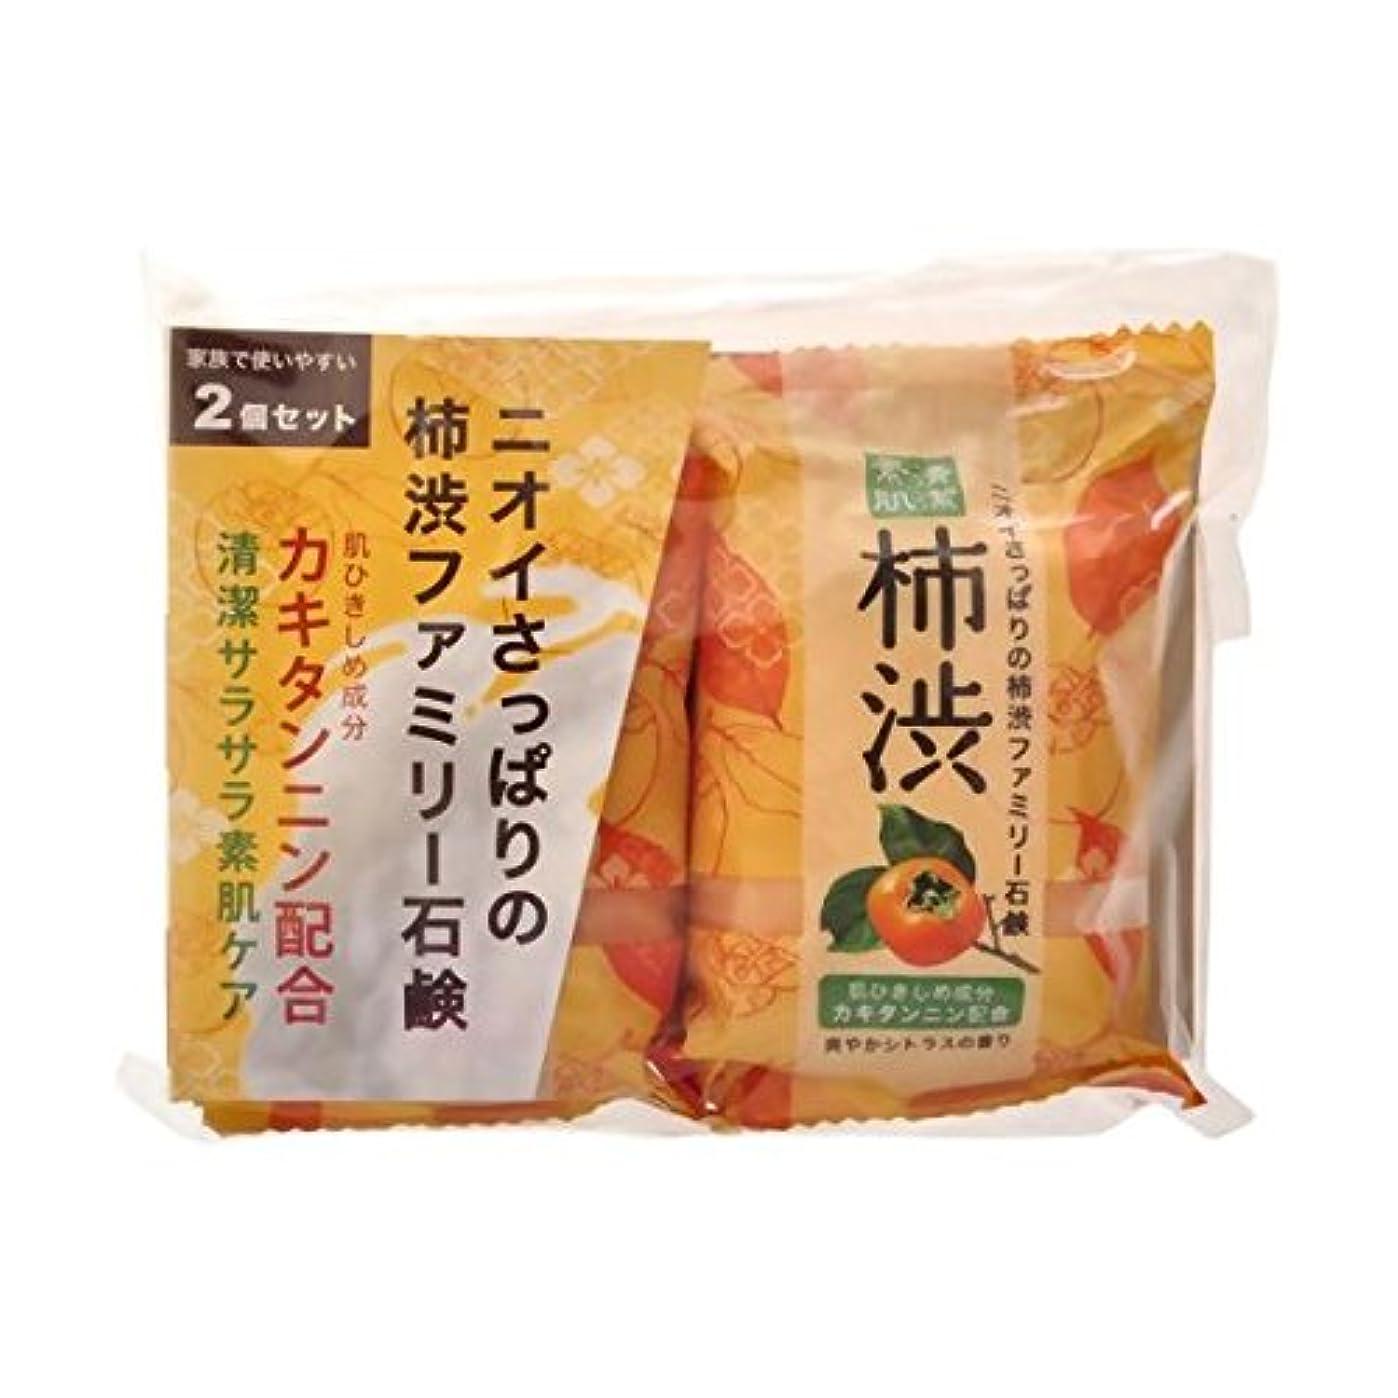 リーチ進捗家主【お徳用 6 セット】 ペリカン 柿渋ファミリー石鹸 80g×2個×6セット